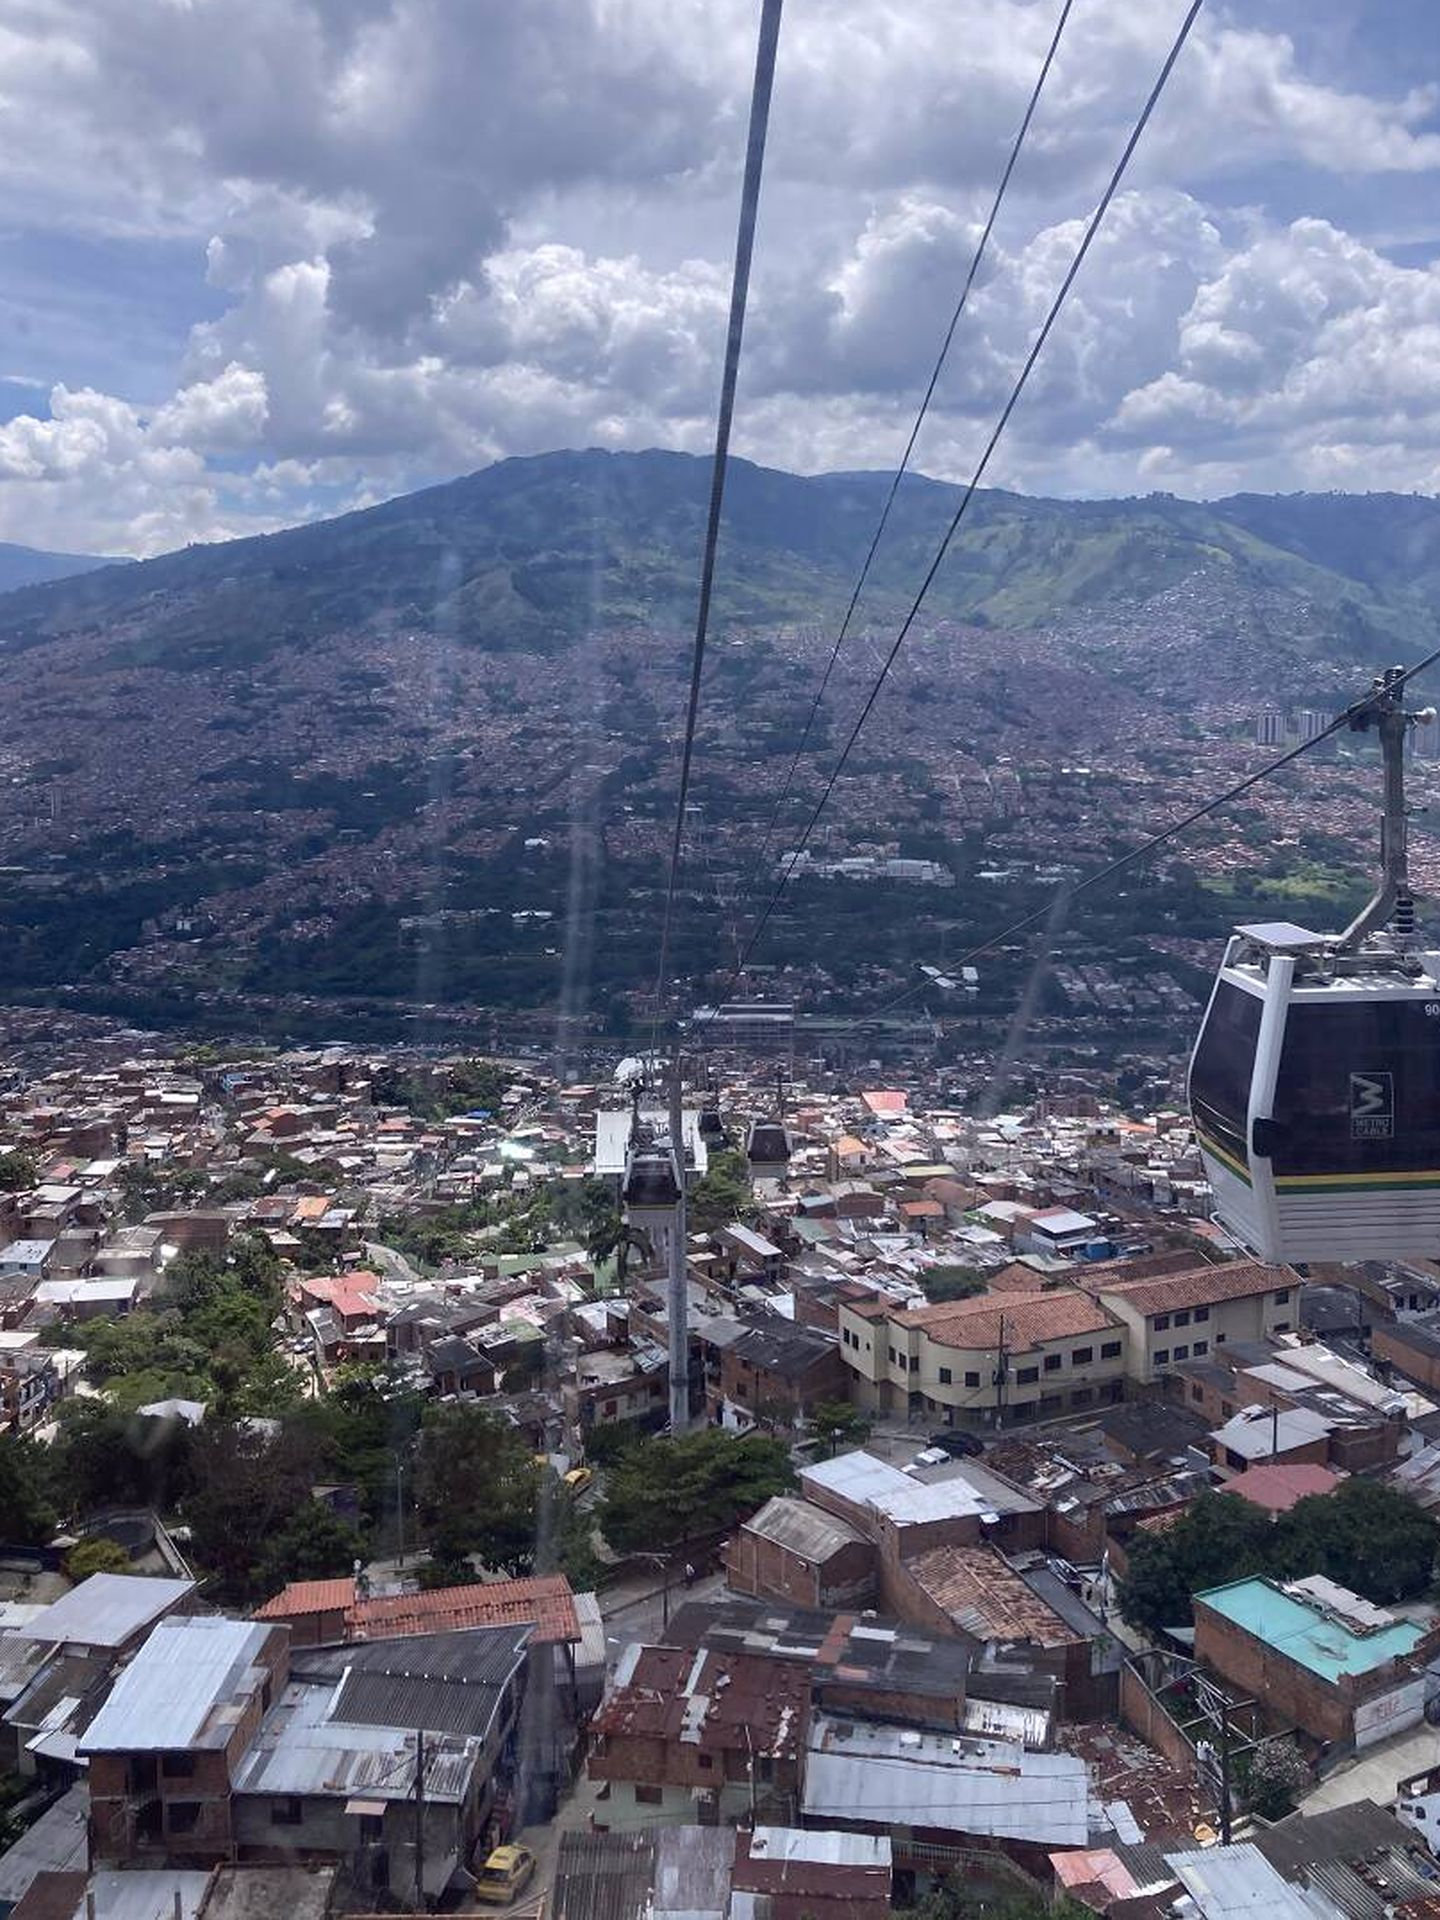 El transporte público (incluído un servicio de bicicletas gratuito) está convirtiendo Medellín en un referente de sostenibilidad para América Latina. Foto: Marta Montojo